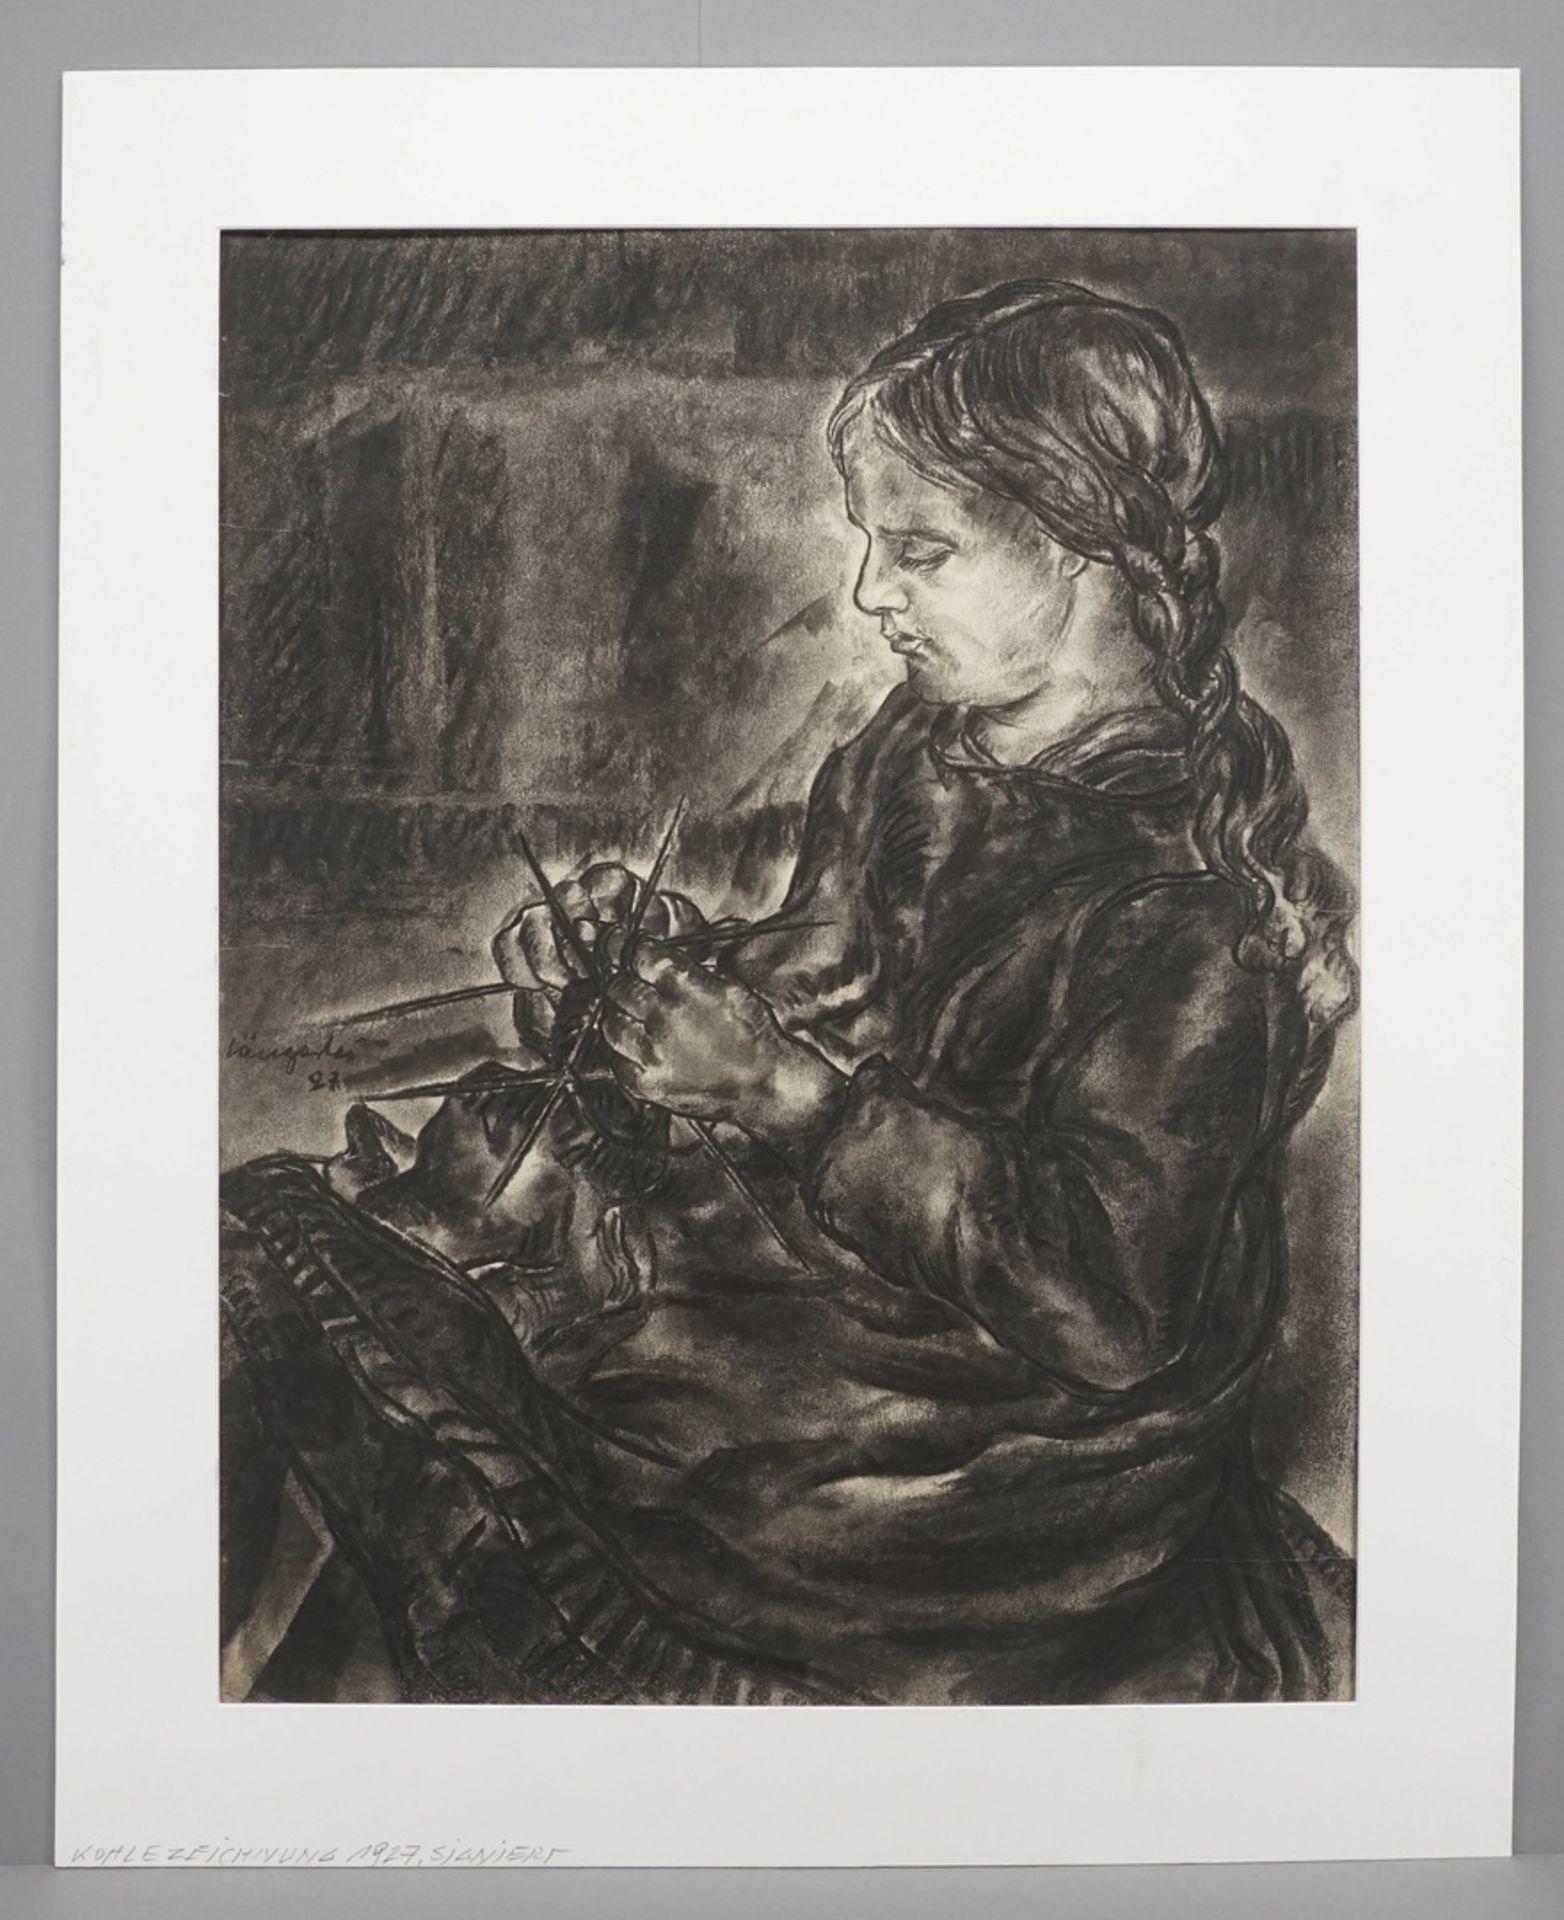 Unbekannter Zeichner, Strickendes Mädchen - Bild 2 aus 4